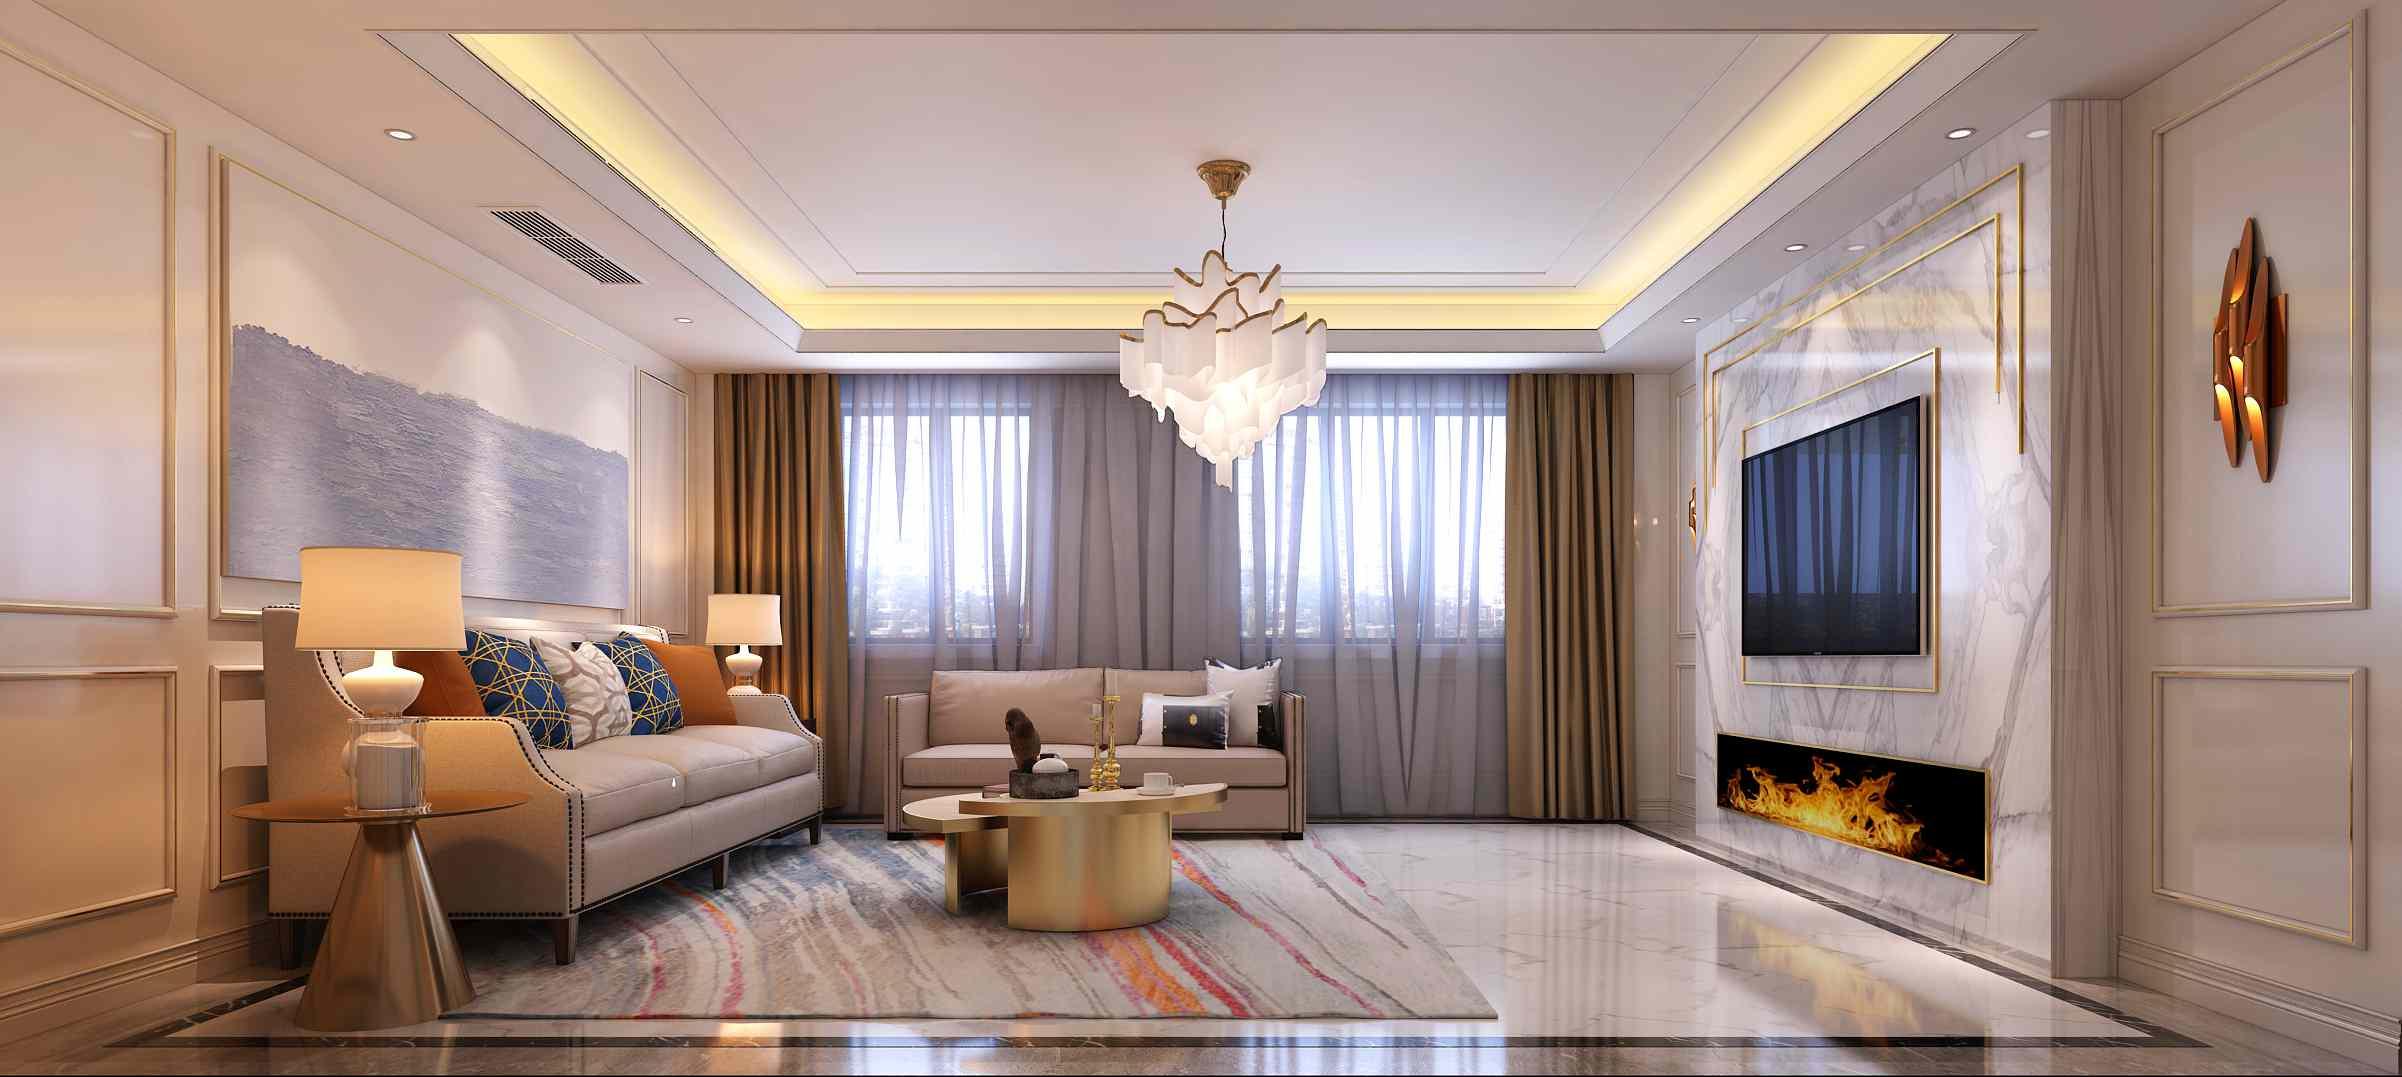 太平洋城中城联排别墅欧式轻奢风格案例赏析